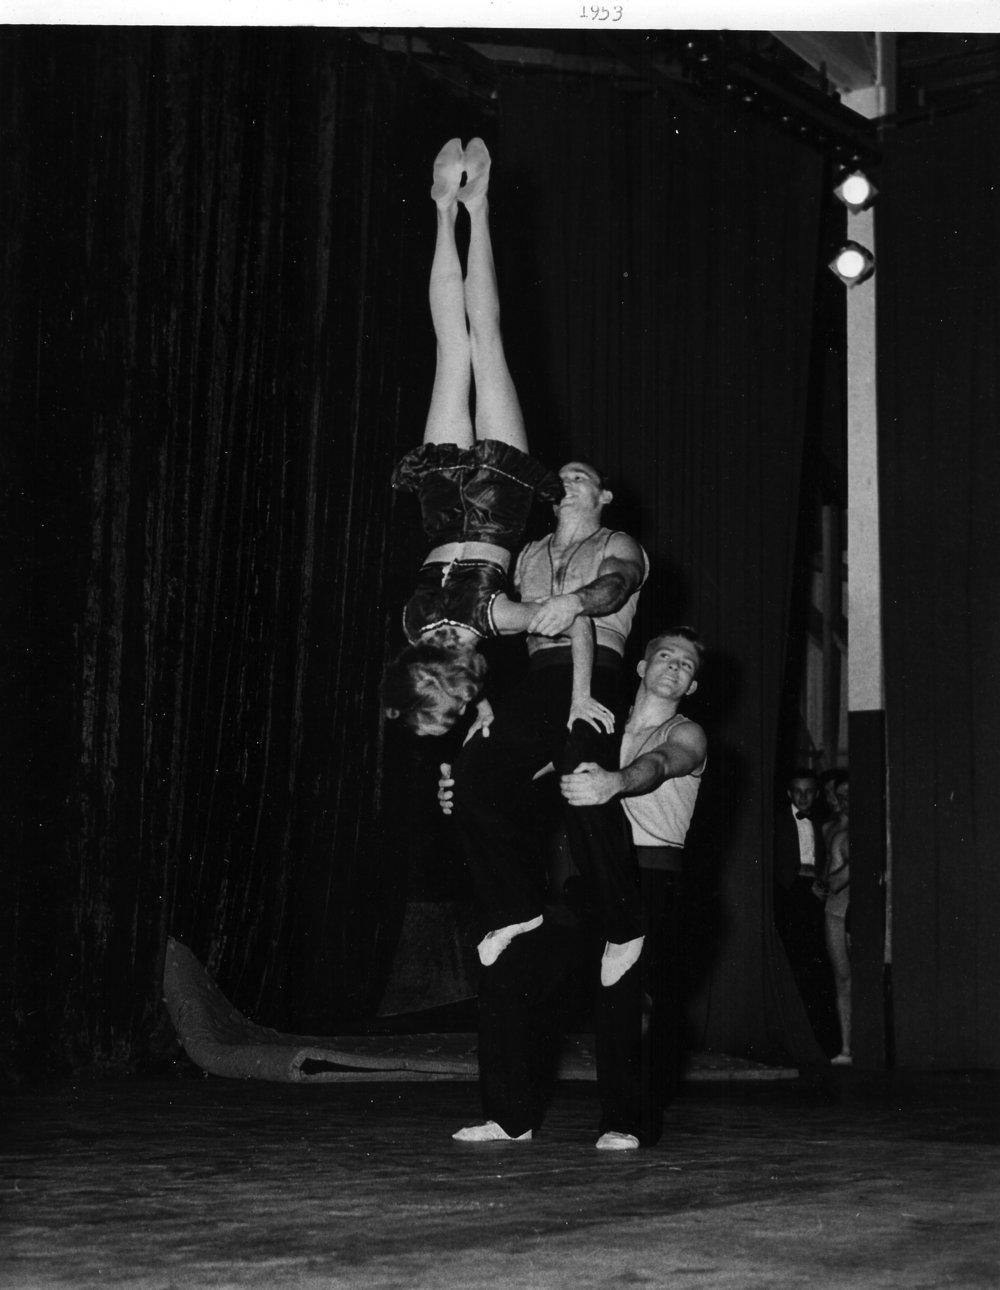 Mixed Triples Balancing 1953